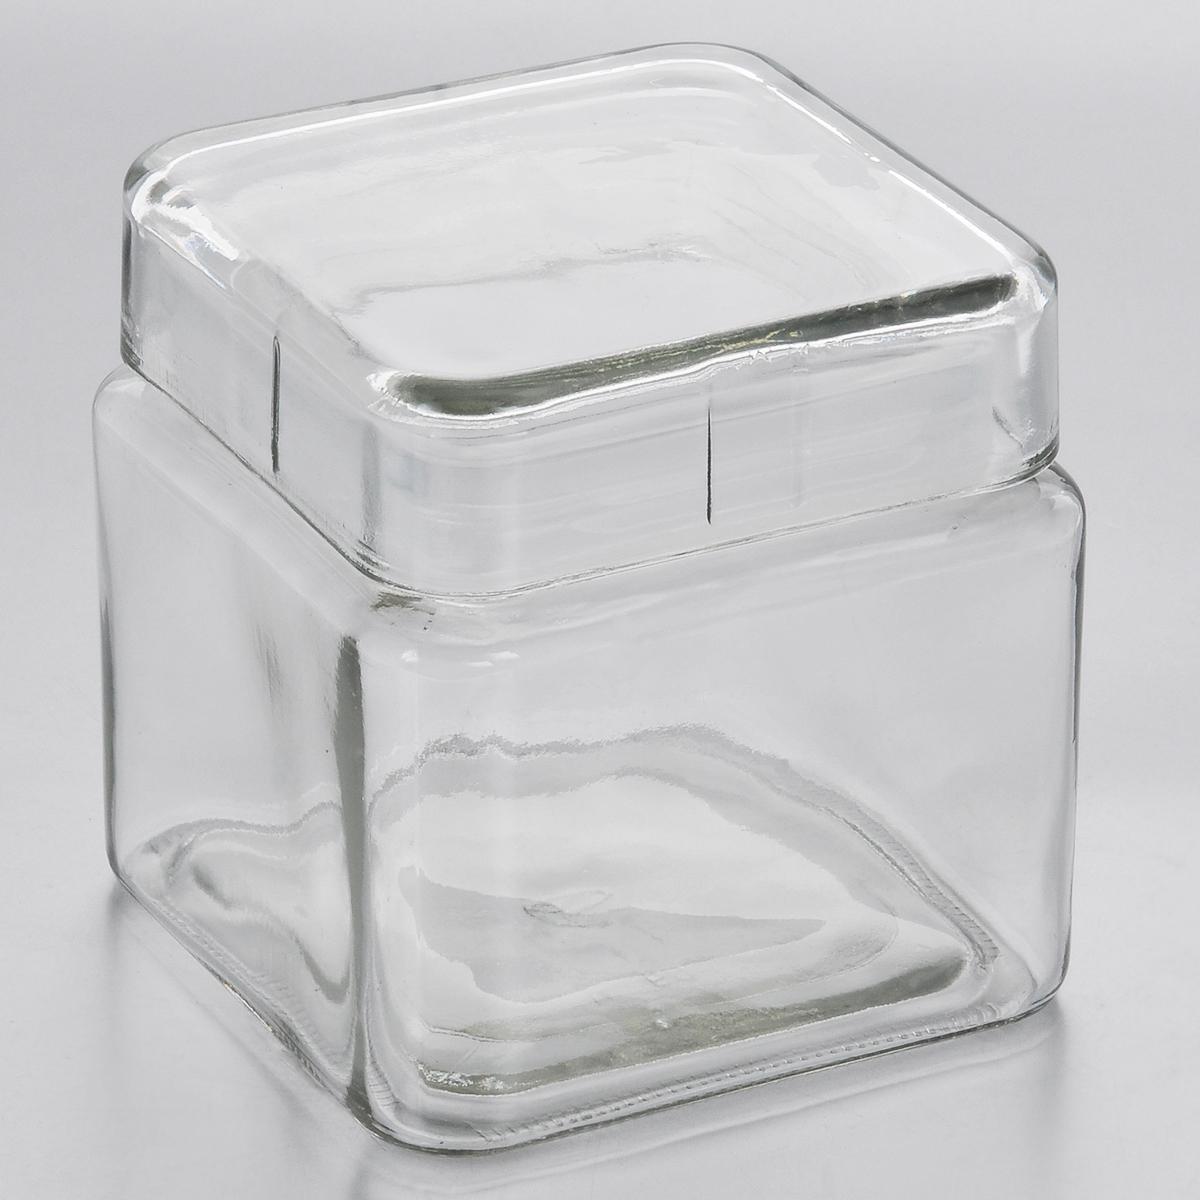 Емкость для хранения Esprado Cristella, 800 млFD 992Емкость для хранения Esprado Cristella изготовлена из качественного прозрачного стекла, отполированного до идеального блеска и гладкости. Изделие имеет квадратную форму. Стекло термостойкое, что позволяет использовать емкость Esprado при различных температурах (от -15°С до +100°С). Это делает ее функциональным и универсальным кухонным аксессуаром. Емкость прекрасно подходит для хранения кофе, орехов, сахара, специй и других сыпучих продуктов. Крышка плотно закрывается и легко открывается благодаря силиконовой прослойке. Это обеспечивает герметичность и дольше сохраняет продукты свежими. Благодаря различным дизайнерским решениям такая емкость дополнит и украсит интерьер любой кухни. Емкости для хранения из коллекции Cristella разработаны на основе эргономичных дизайнерских решений, которые позволяют максимально эффективно и рационально использовать кухонные поверхности. Благодаря универсальному внешнему виду, они будут привлекательно смотреться в интерьере любой кухни. Емкости для хранения незаменимы на кухне: они помогают сохранить свежесть продуктов, защищают от попадания излишней влаги и позволяют эффективно использовать ограниченное кухонное пространство. Не использовать в духовом шкафу, микроволновой печи и посудомоечной машине.